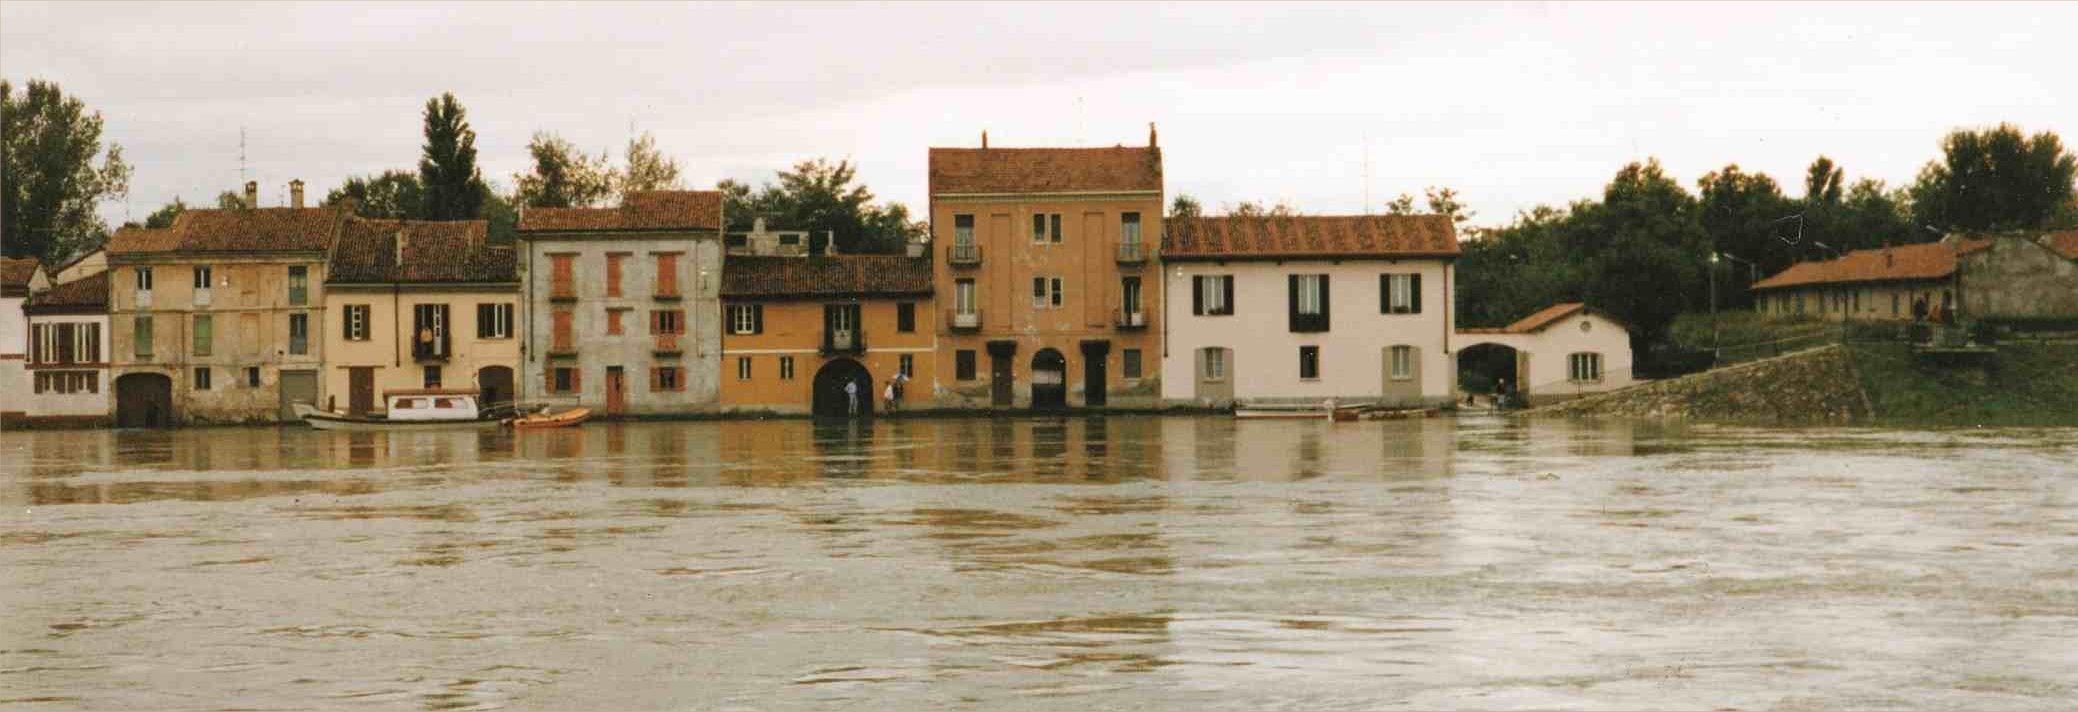 immagine evento alluvionale